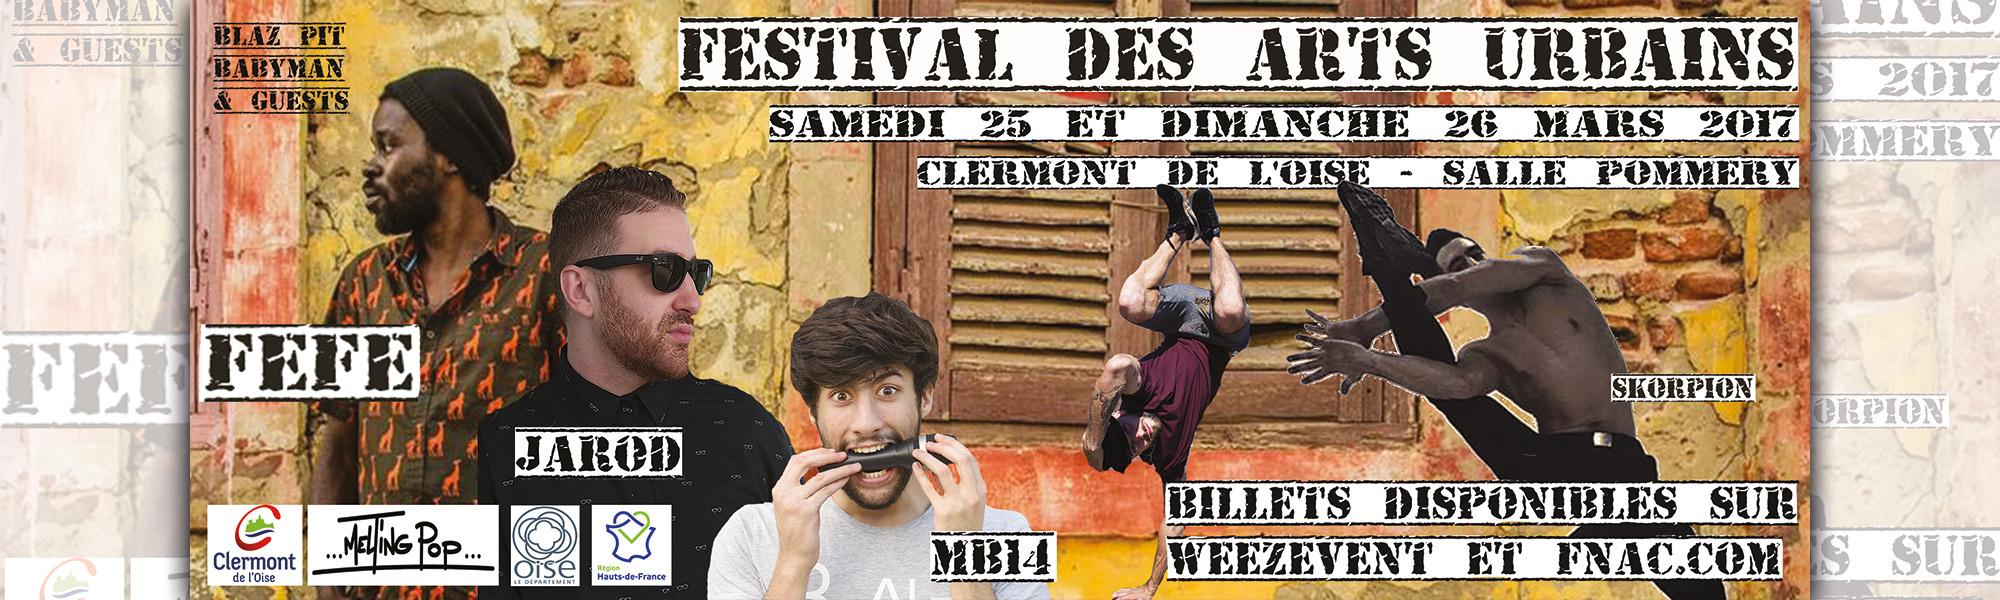 Festival des Arts Urbain – Edition 2017, Samedi 25 et dimanche 26 mars